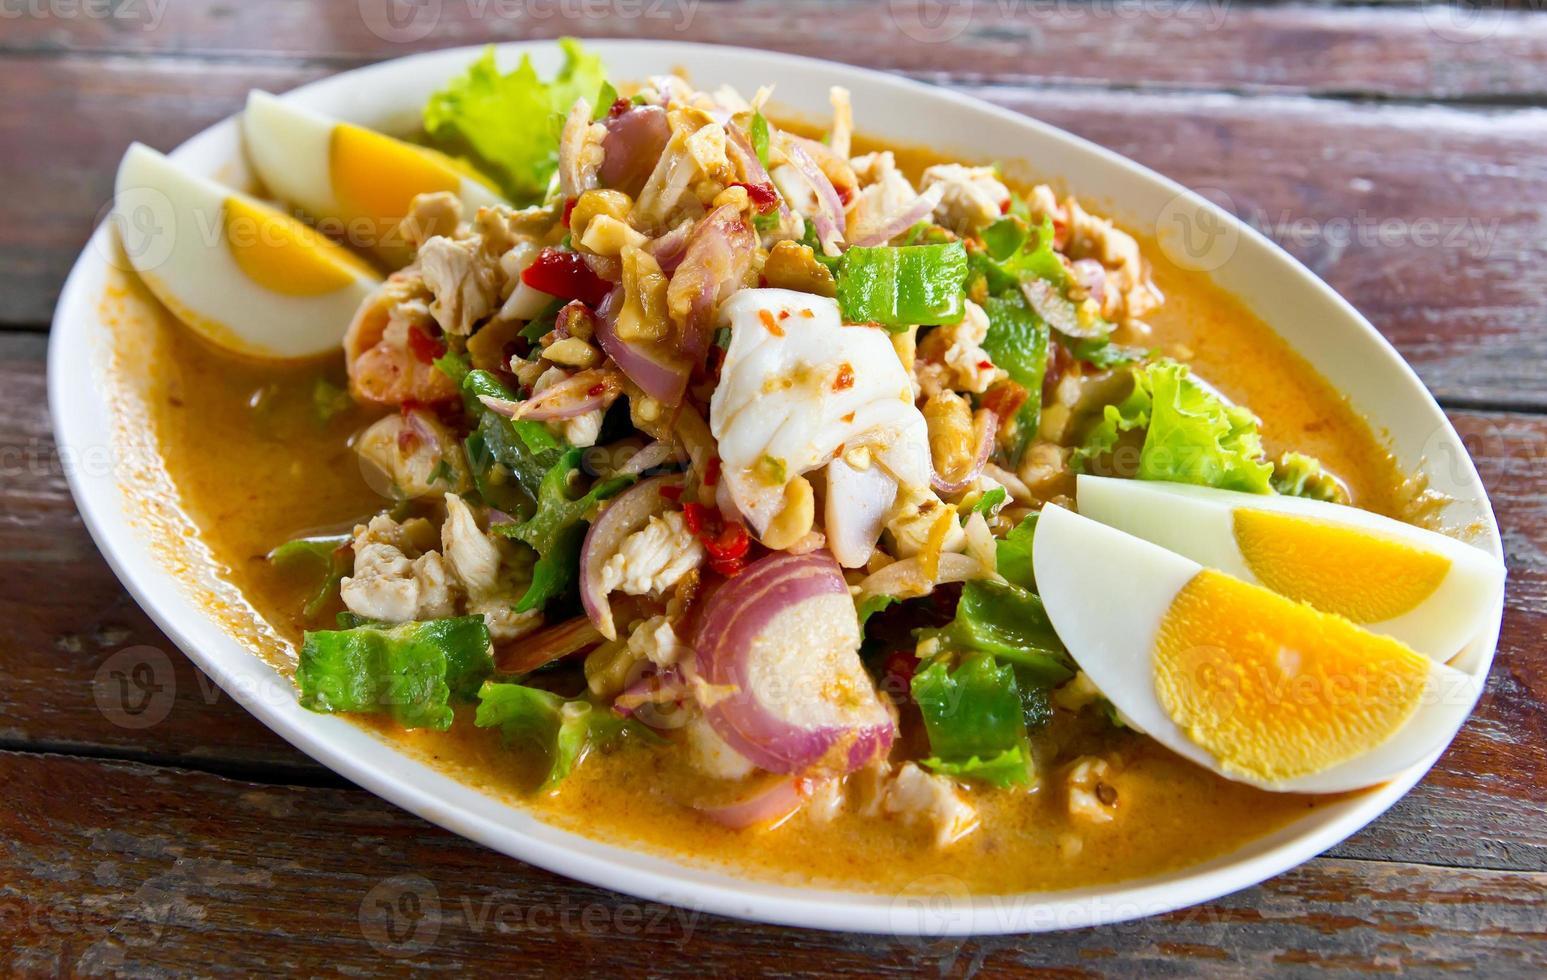 Betal Nuss Meeresfrüchte und Chili Salat leckeres thailändisches Essen foto